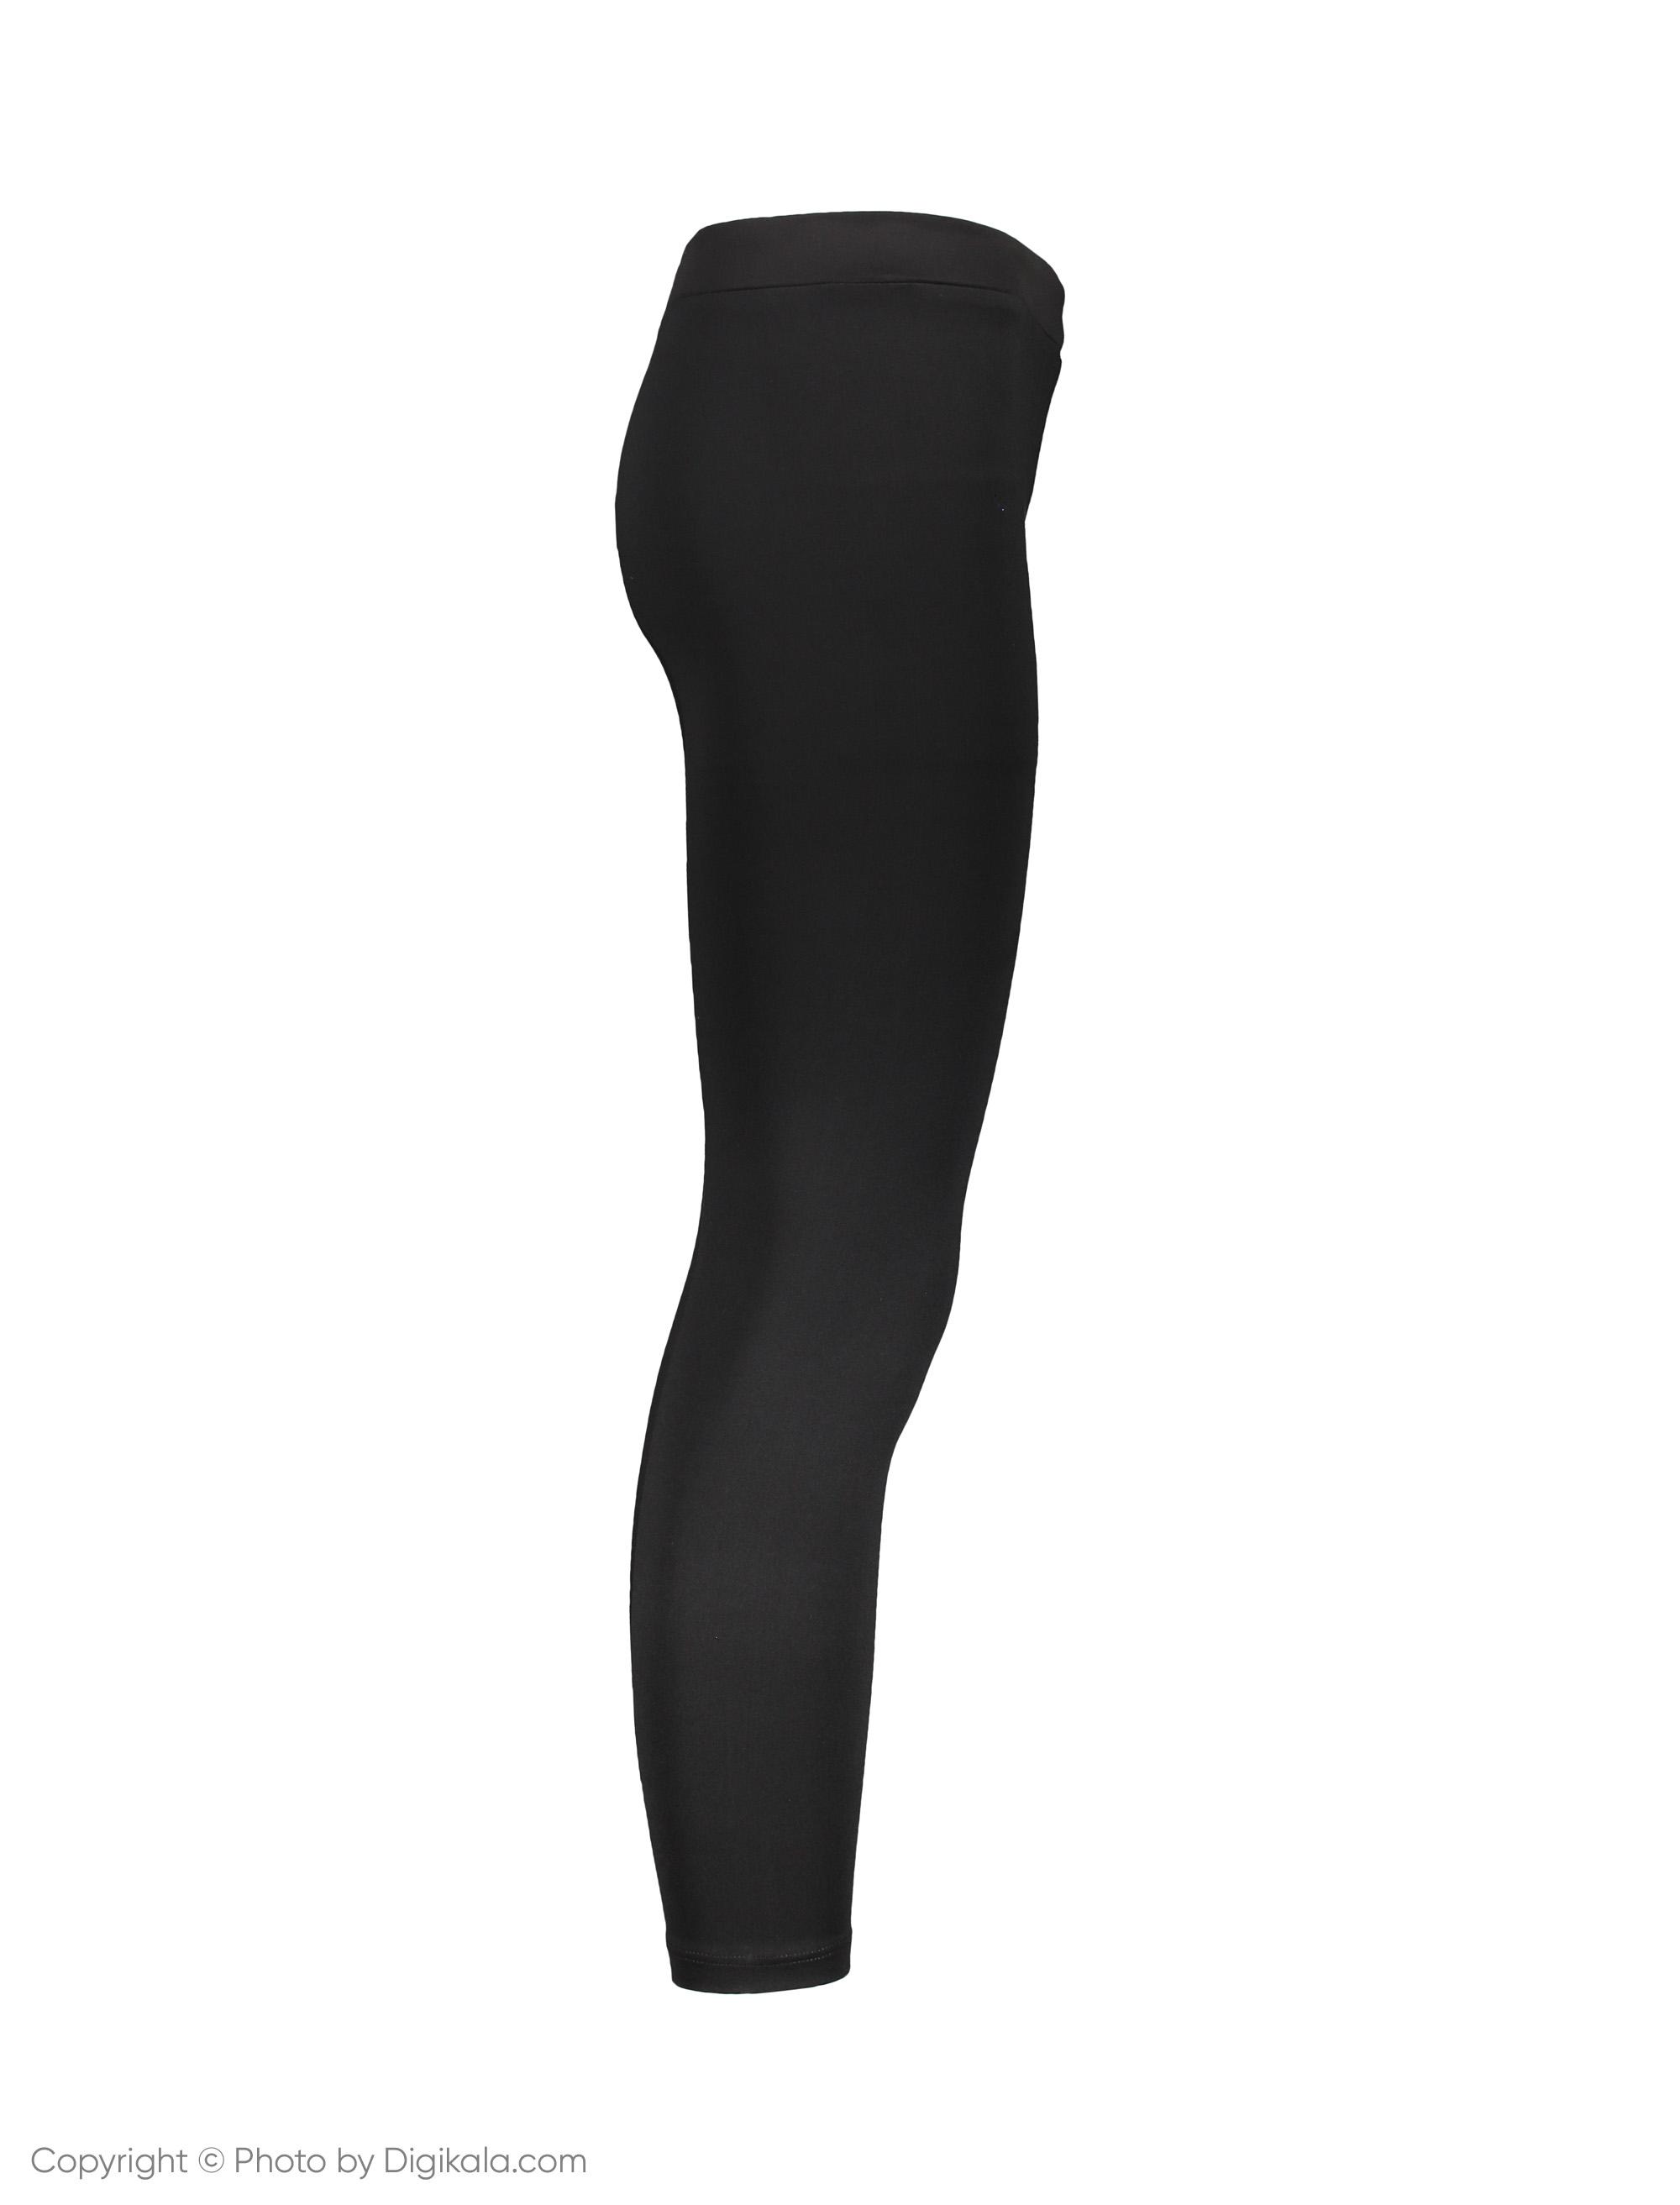 ست سویشرت و شلوار ورزشی زنانه بی فور ران مدل 980121-99 main 1 6